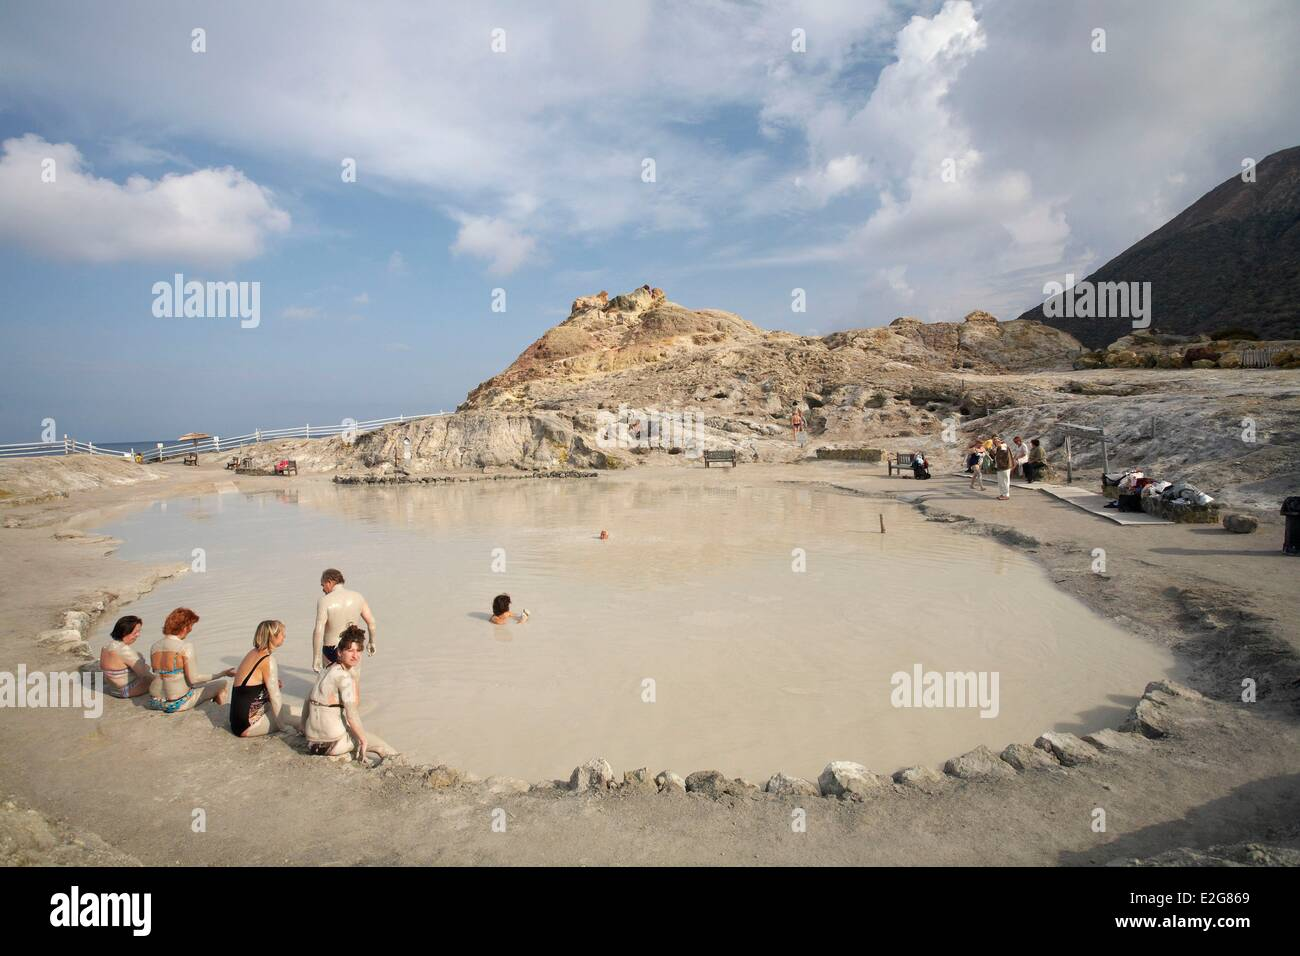 Italia Sicilia Isole Eolie isola di Vulcano bagno di fango Foto ...